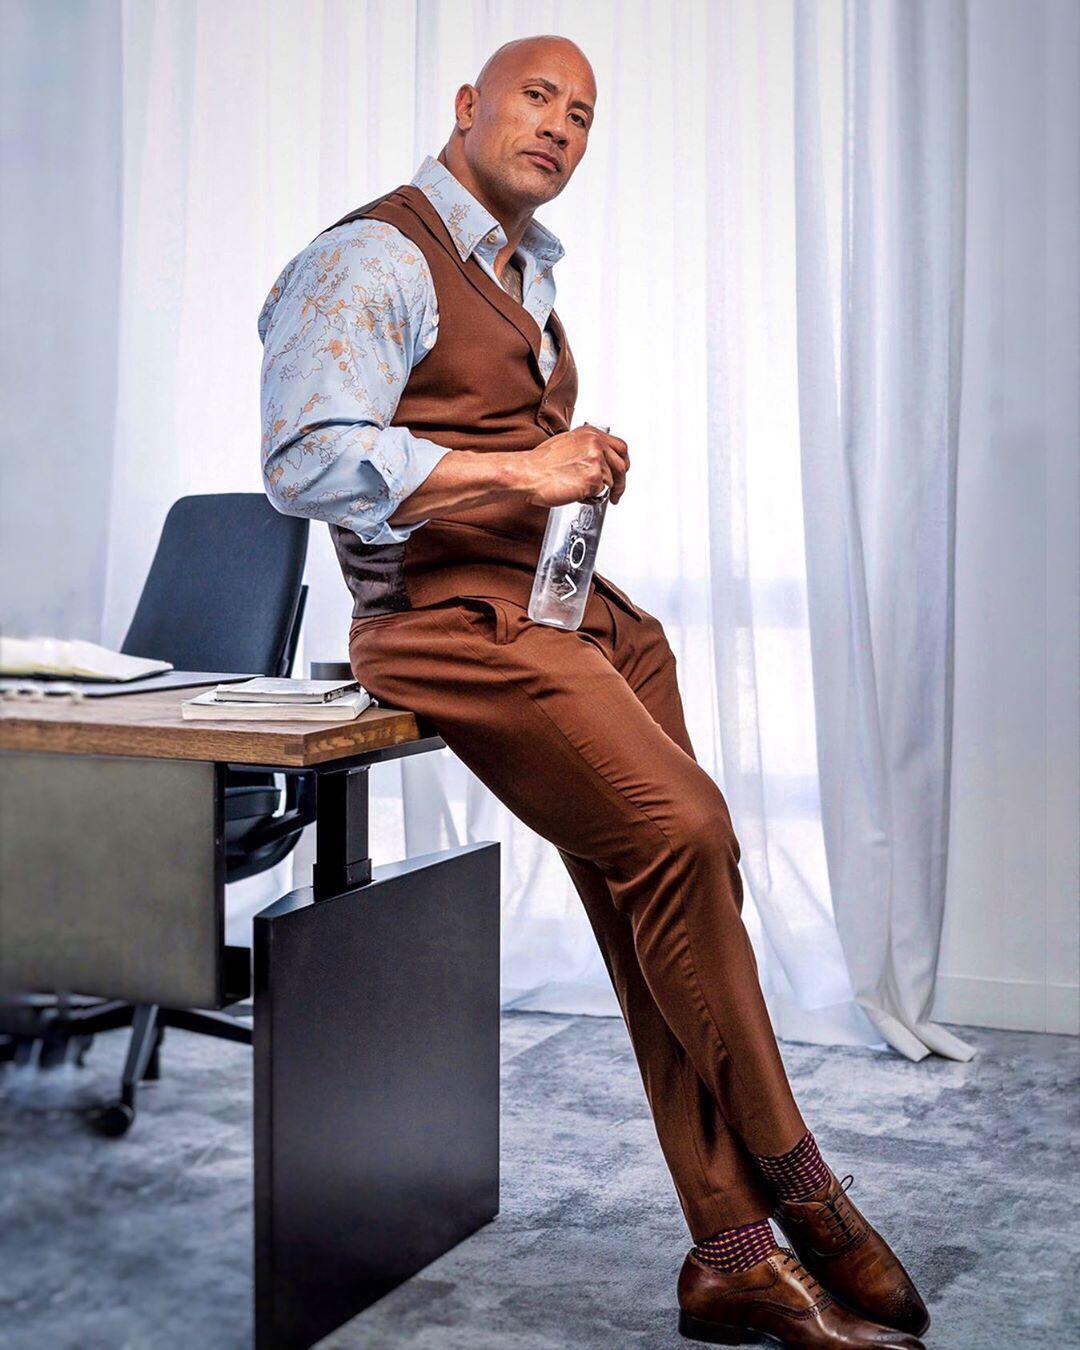 diễn viên The Rock - thời trang sao nam ấn tượng tuần 3 tháng 10